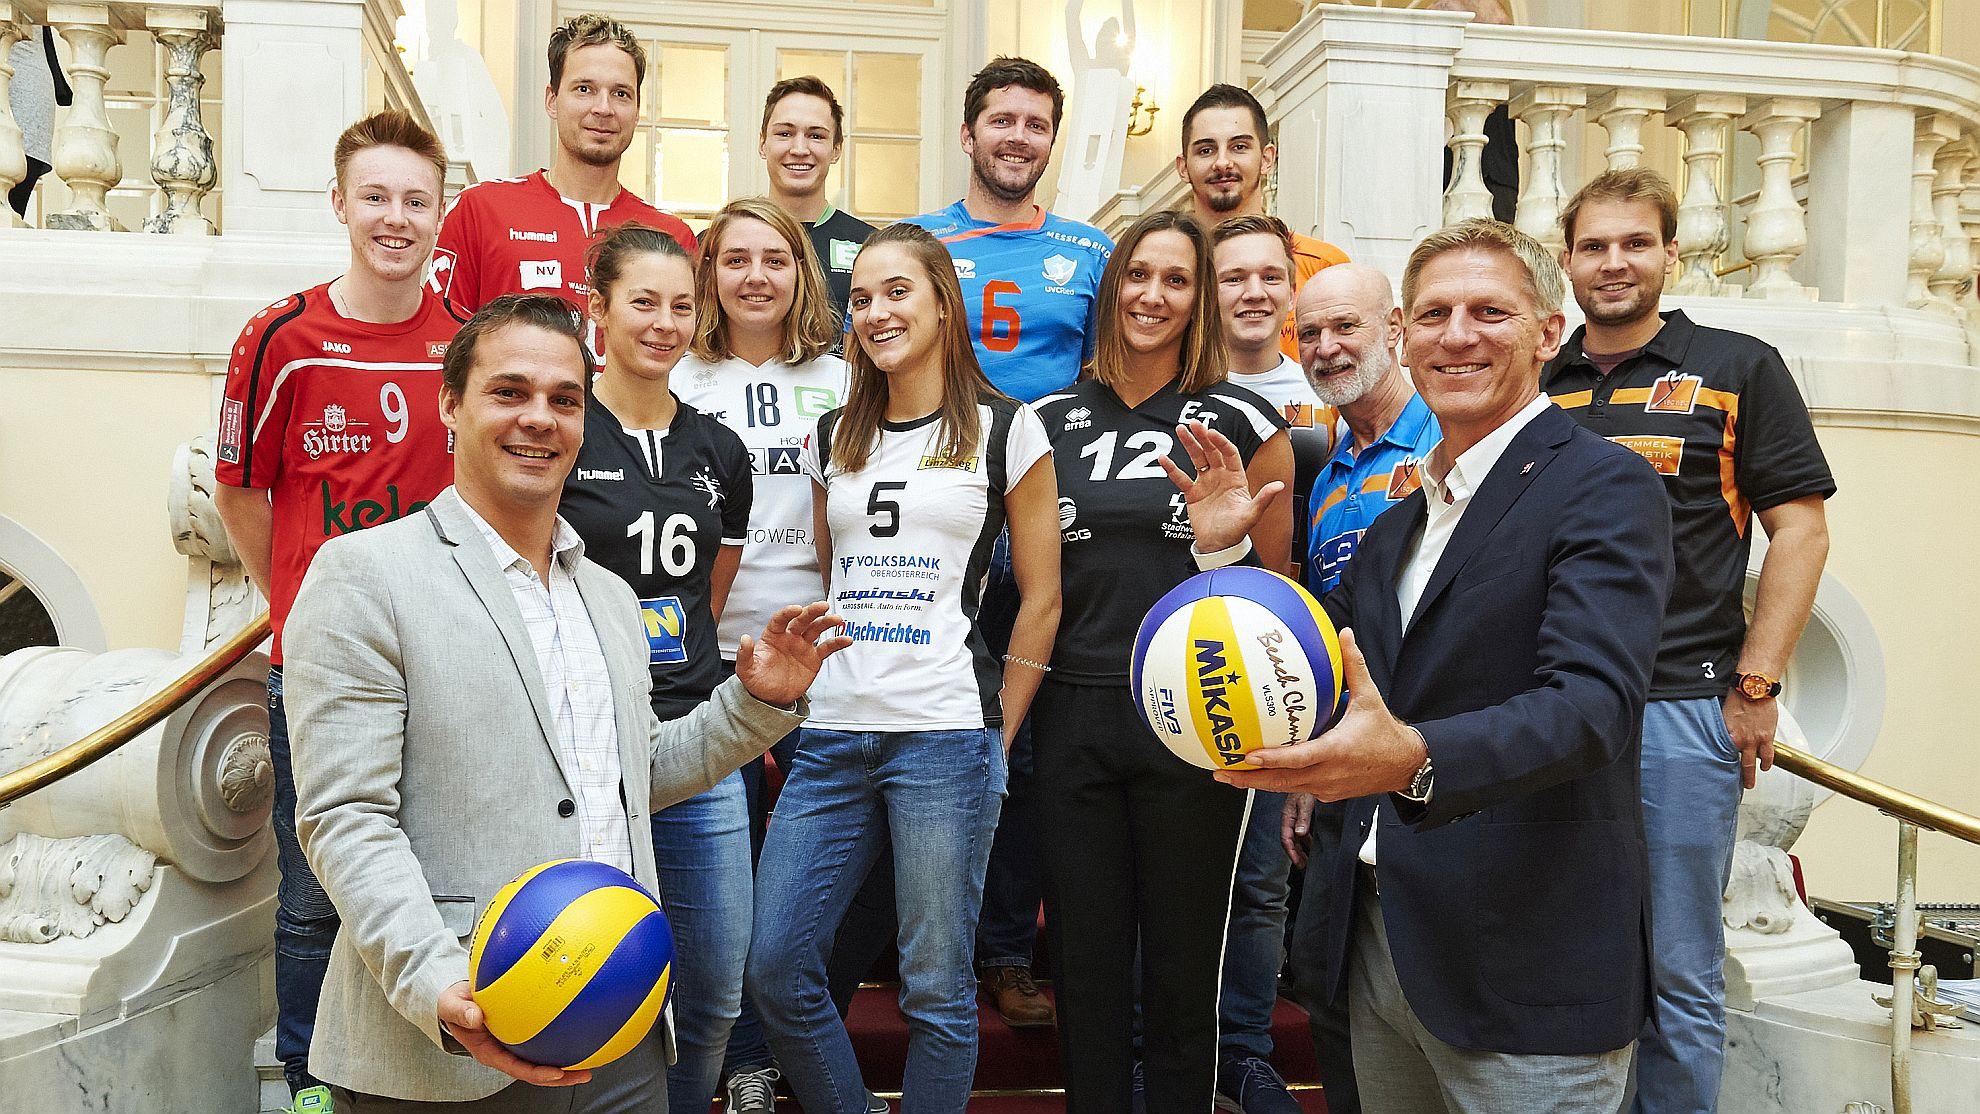 ÖVV-Vizepräsident Frederick Laure (l.) und ÖVV-Präsident Gernot Leitner mit Spielerinnen und Spielern © ÖVV/Leo Hagen